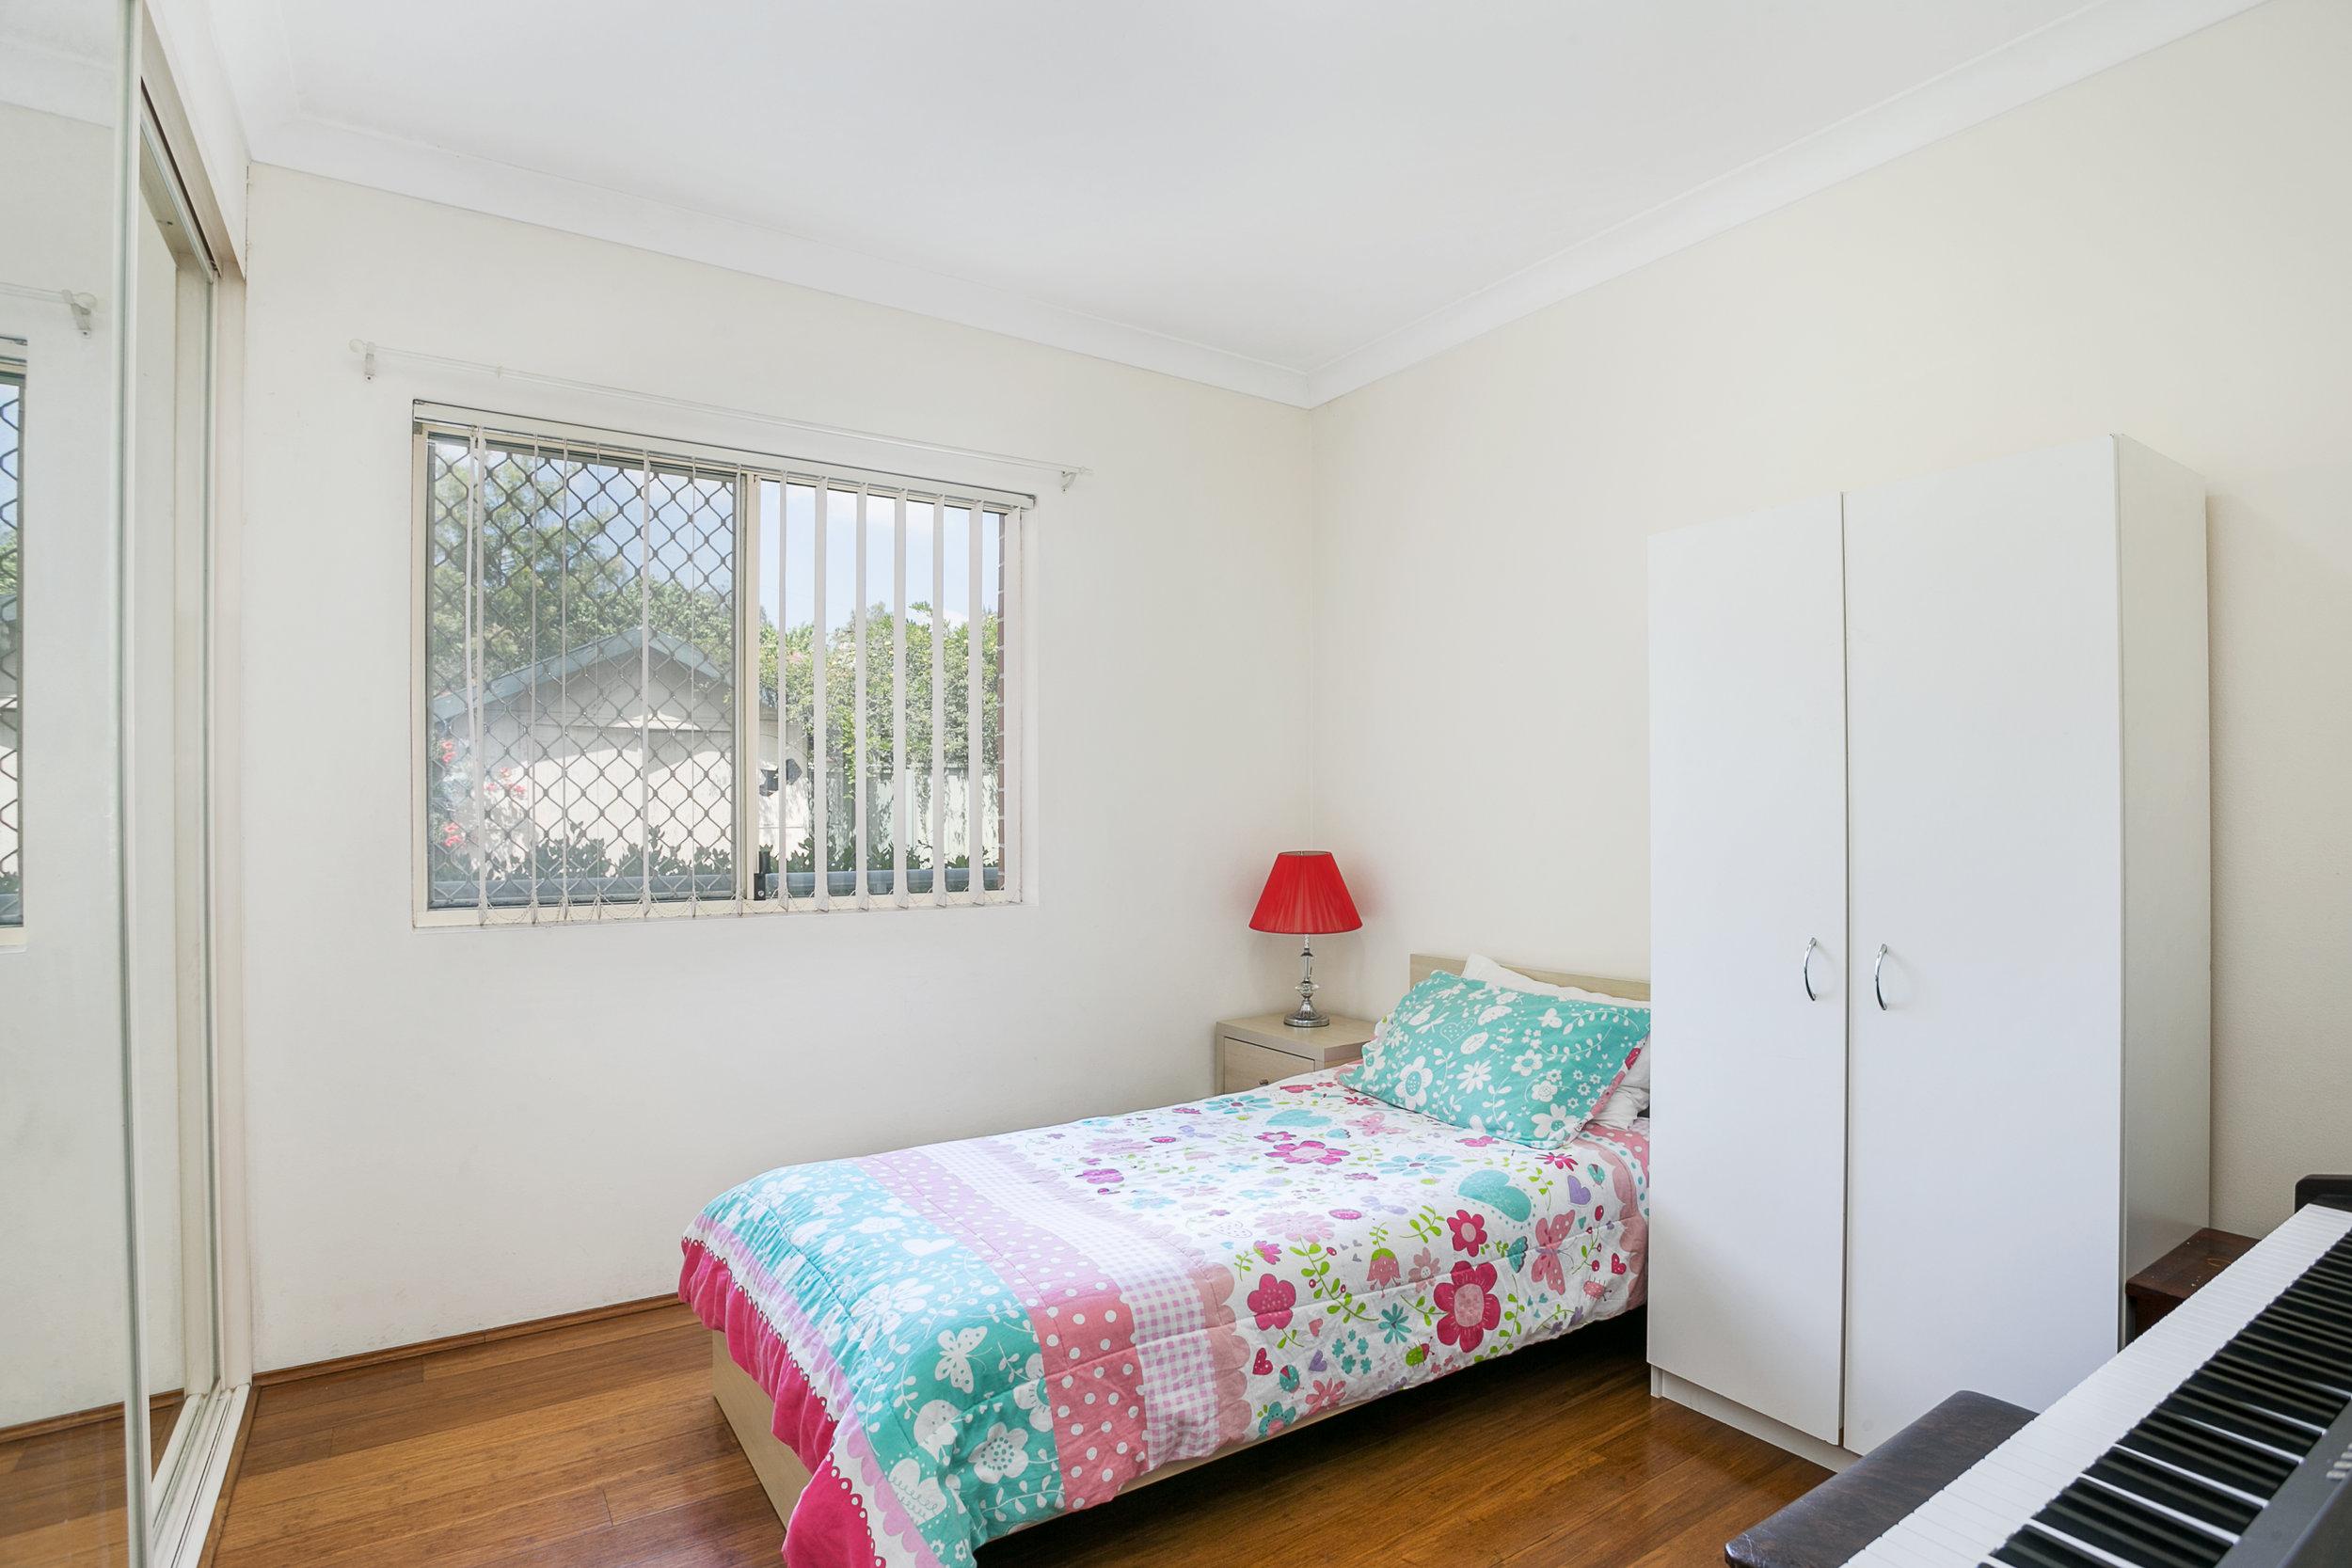 4-10-14 Crane - Bedroom.jpg